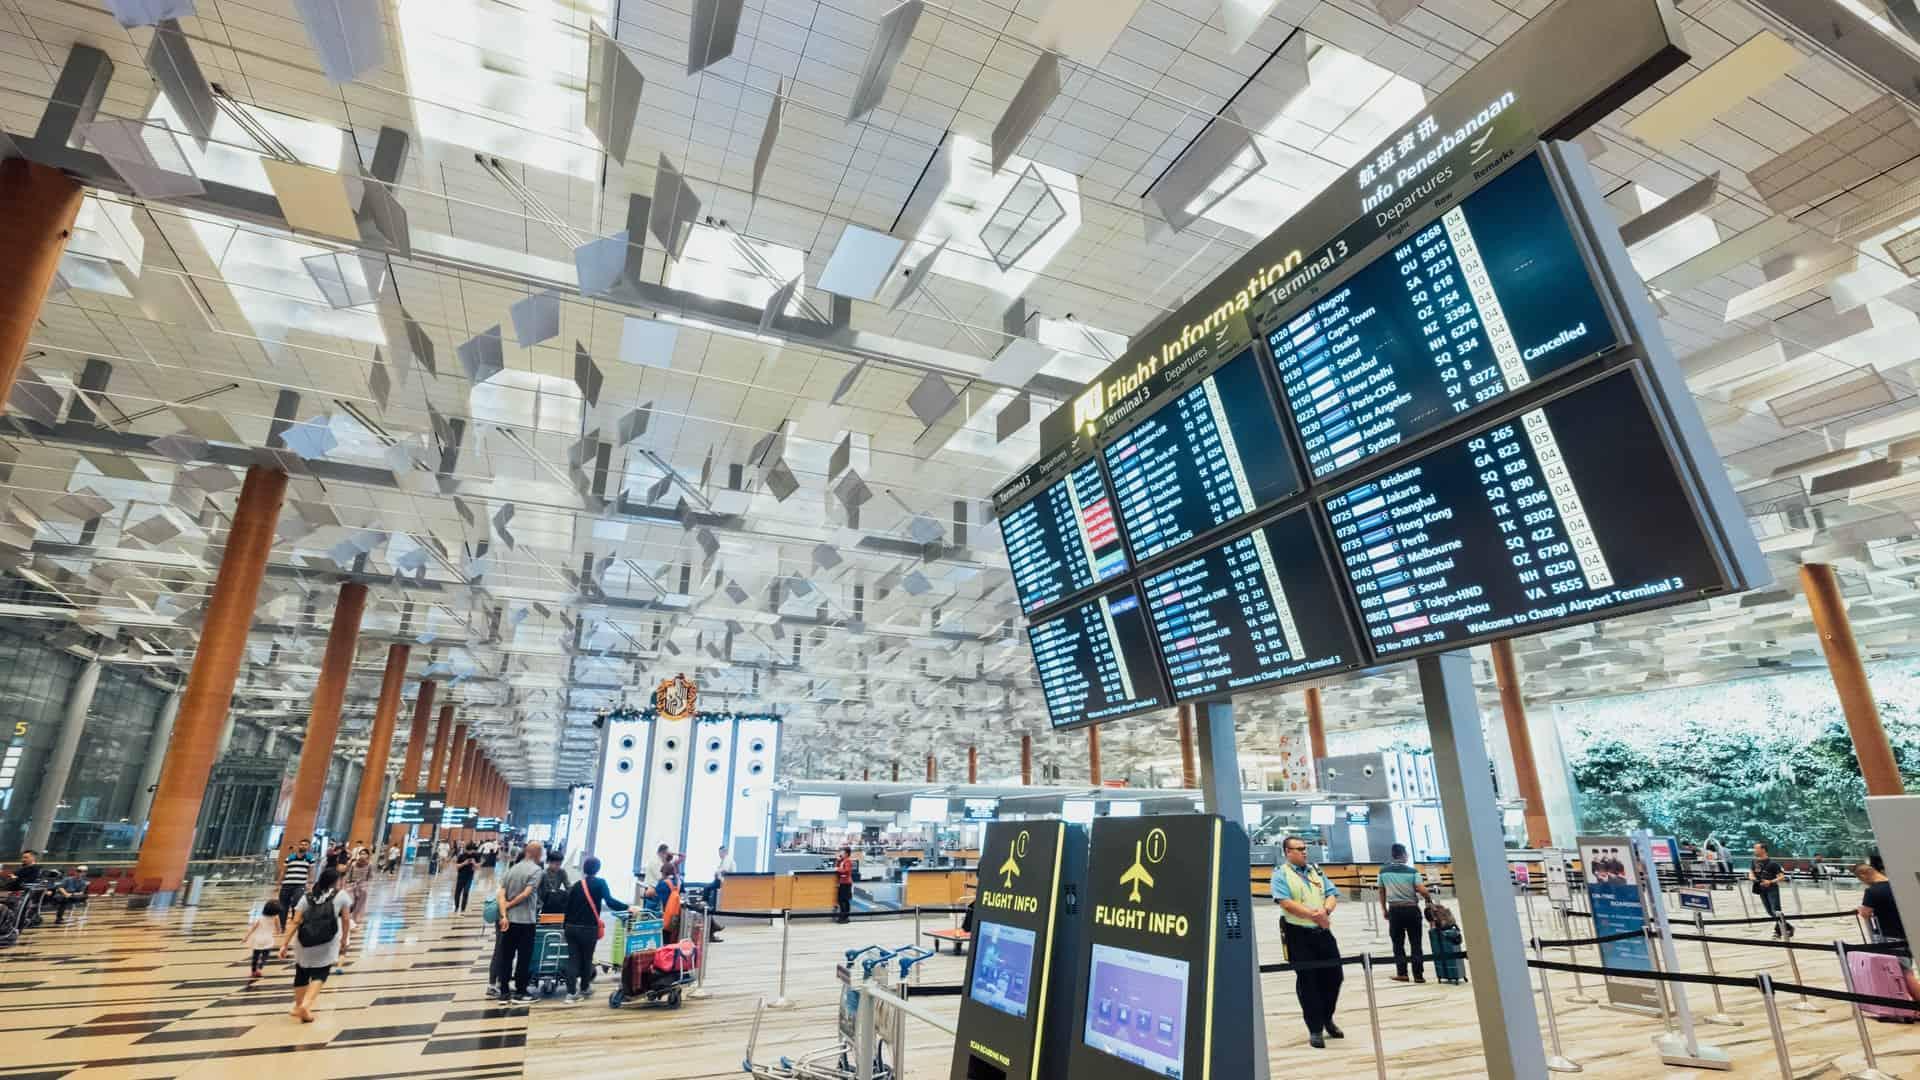 La Unión Europea lanzó su certificado digital de COVID-19 para viajar por el continente